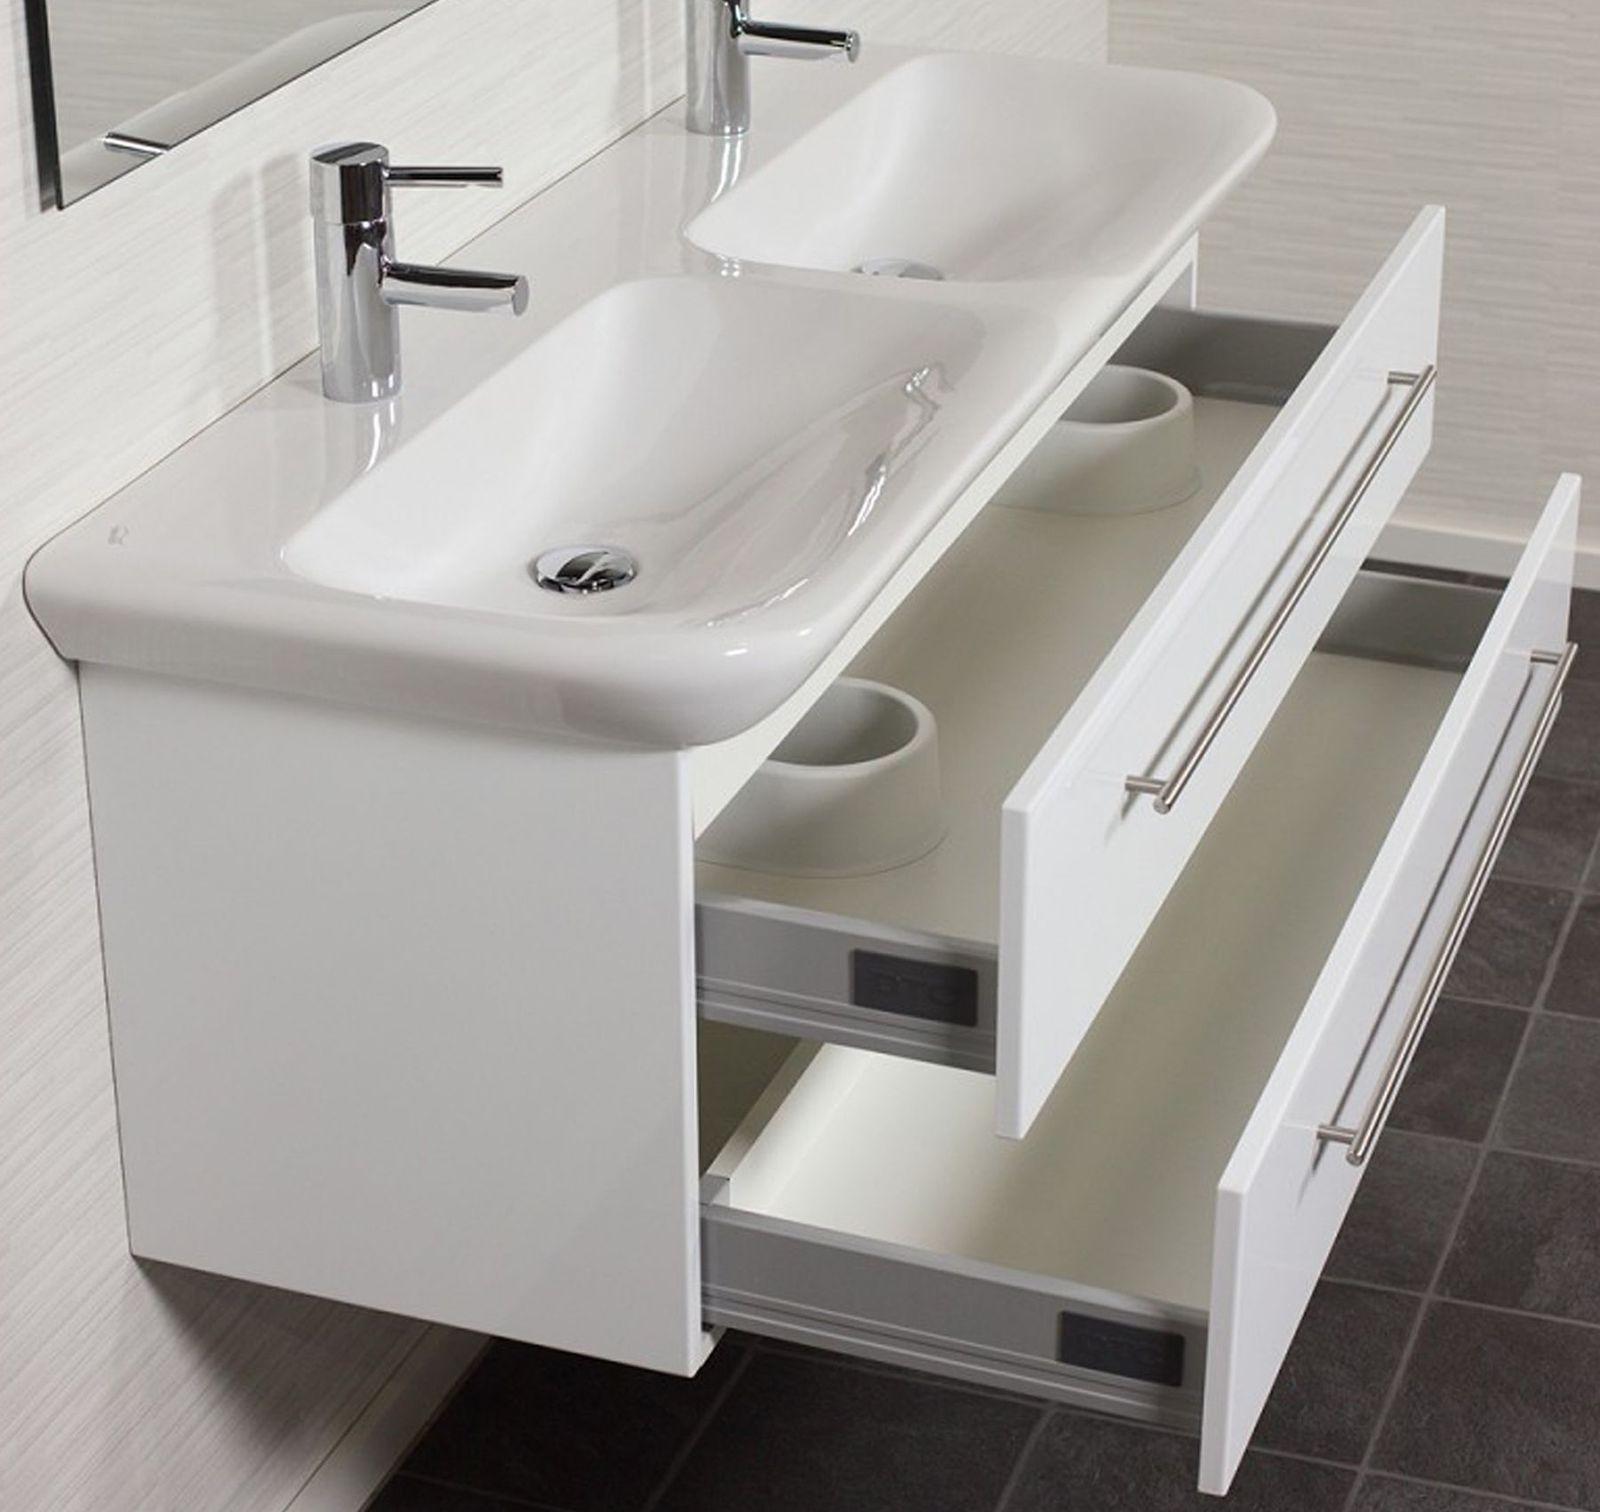 waschplatz 130 cm waschtisch keramag becken softclose auszug aufgebaut myday130 kaufen bei. Black Bedroom Furniture Sets. Home Design Ideas